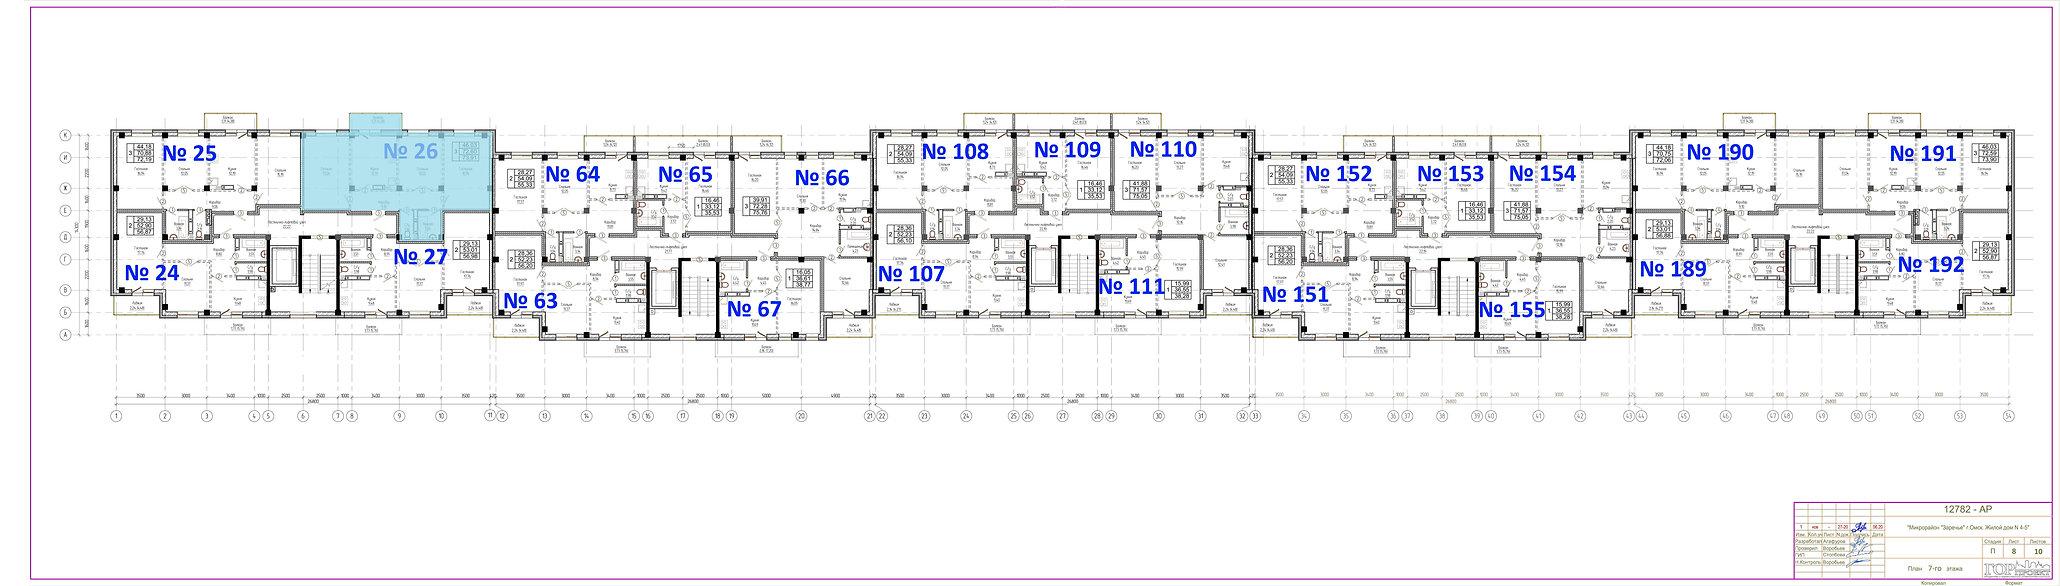 7 этаж кв 26.jpg